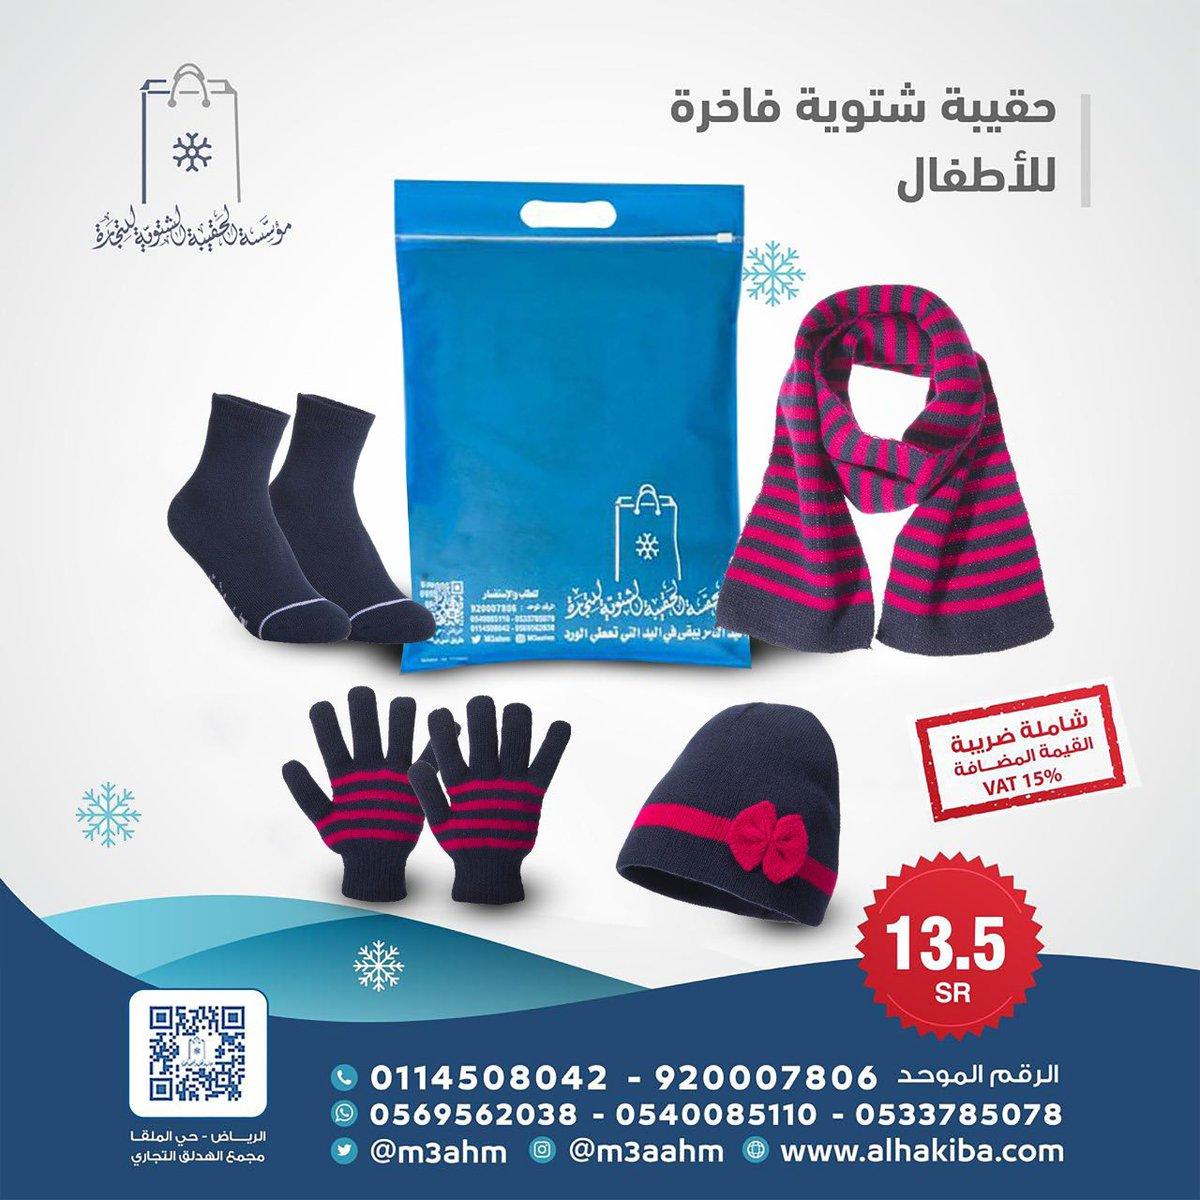 الحقيبة الشتوية 🎒 مناسبة للتوزيع على العمال والرعاة❄   . 🚚 داخل الرياض وخارجها  ☎ 0540085110 - 0569562038  [ سعادة العطاء تفوق كل السعادات ] 😍